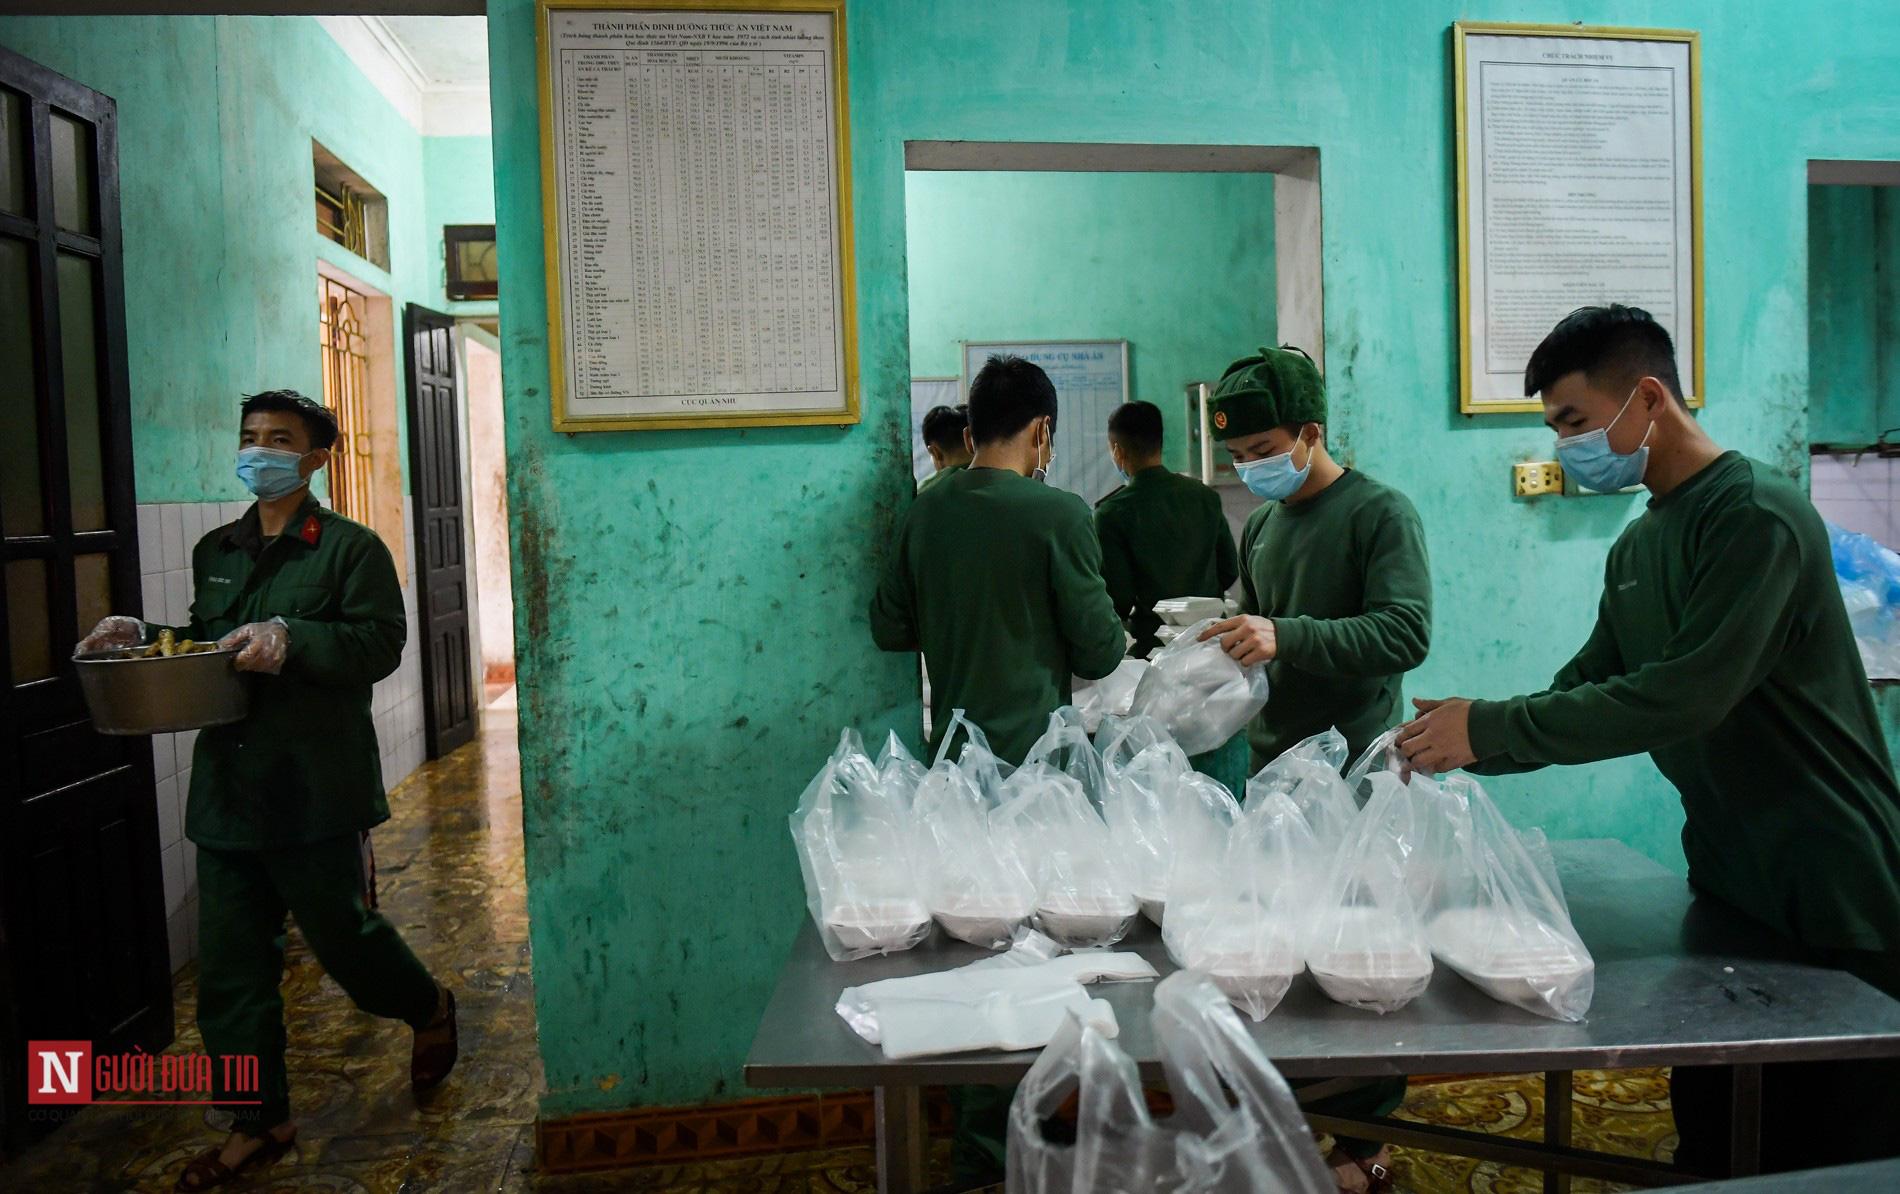 Lạng Sơn: Nhộn nhịp căn bếp ấm tình quân dân tại trại cách ly - Ảnh 12.